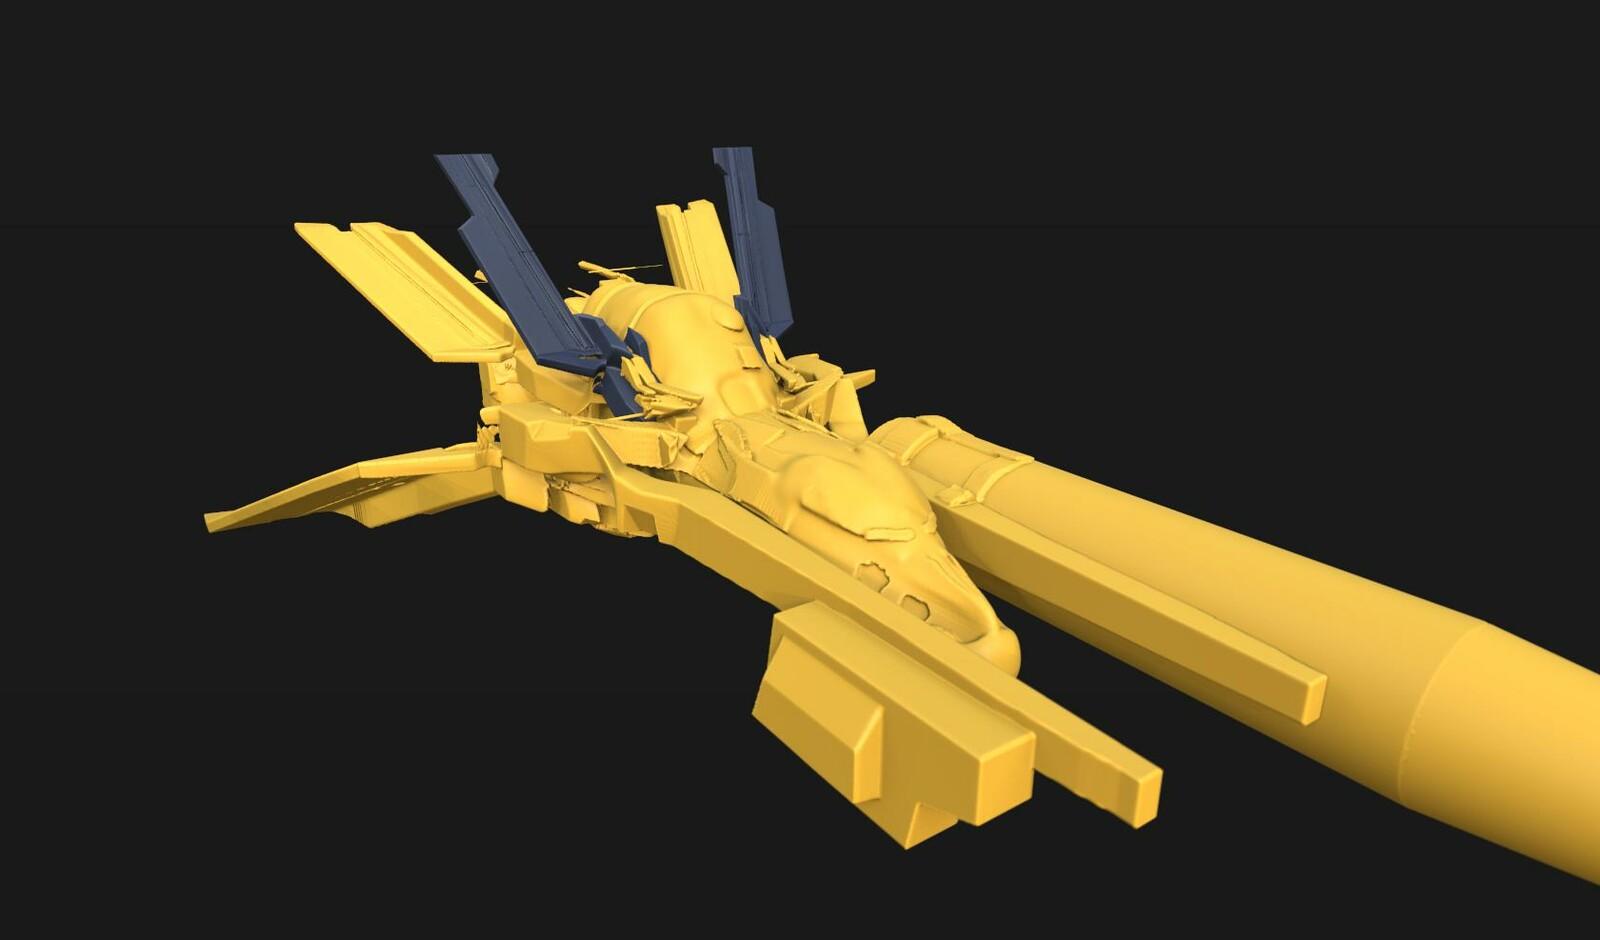 3DCoat render